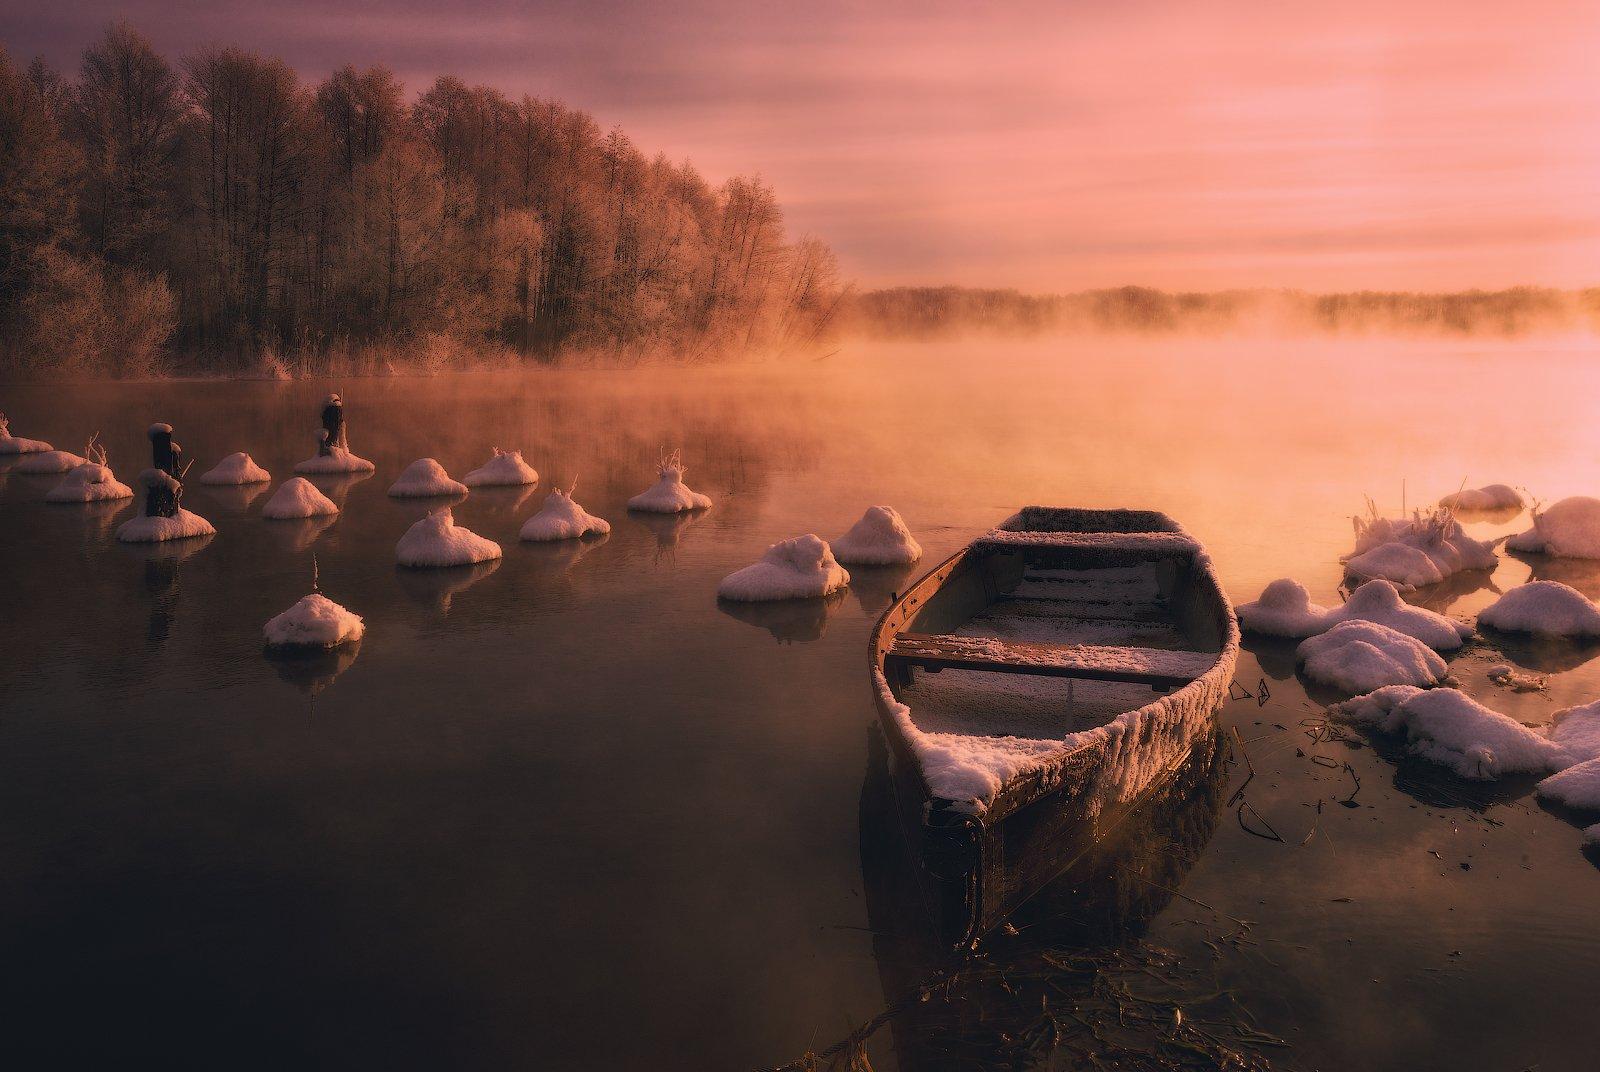 шатура, озера, зима, московская область, пар, туман, мороз, утро, рассвет, старый мост, шедевр, Николай Сапронов